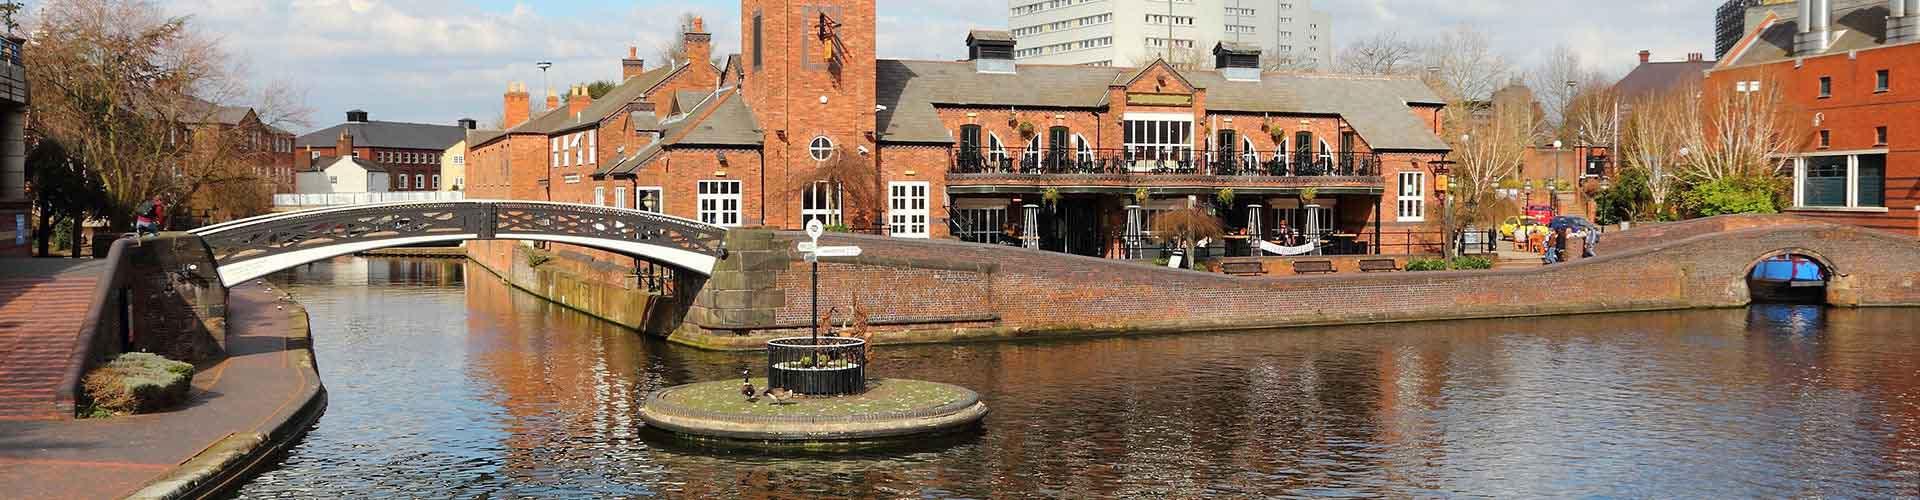 버밍엄 - Harborne지역에 위치한 호텔. 버밍엄의 지도, 버밍엄에 위치한 호텔에 대한 사진 및 리뷰.